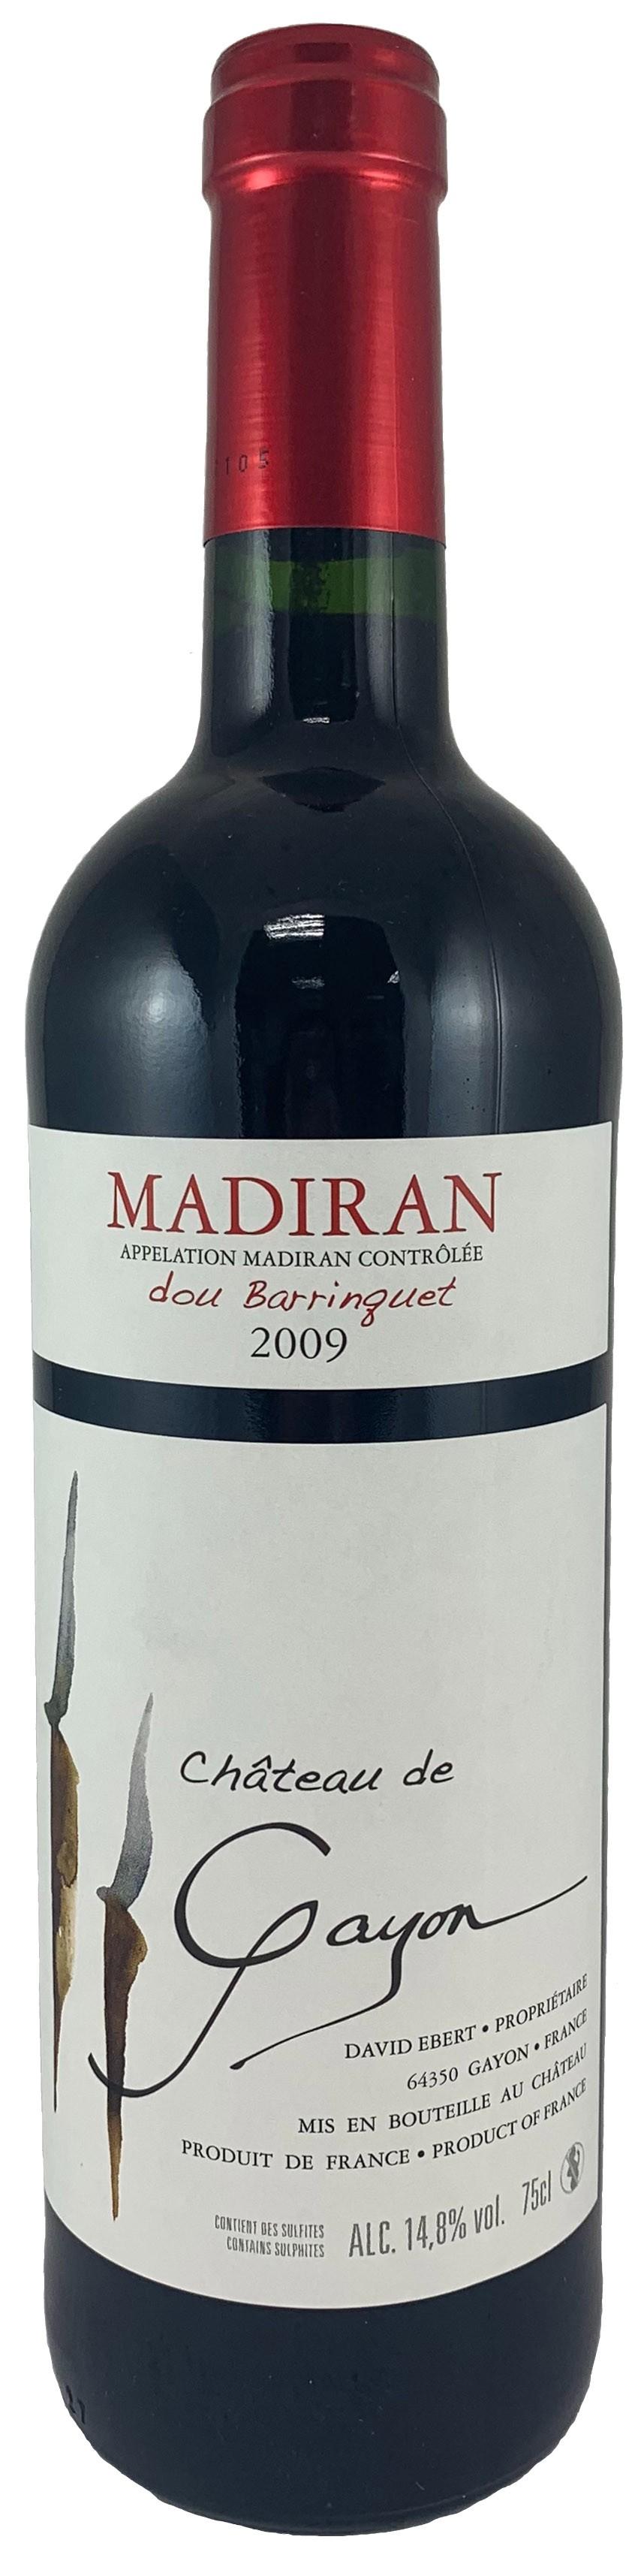 法國 馬第宏AOC 蓋永酒莊 杜巴哈克尊爵紅酒2009